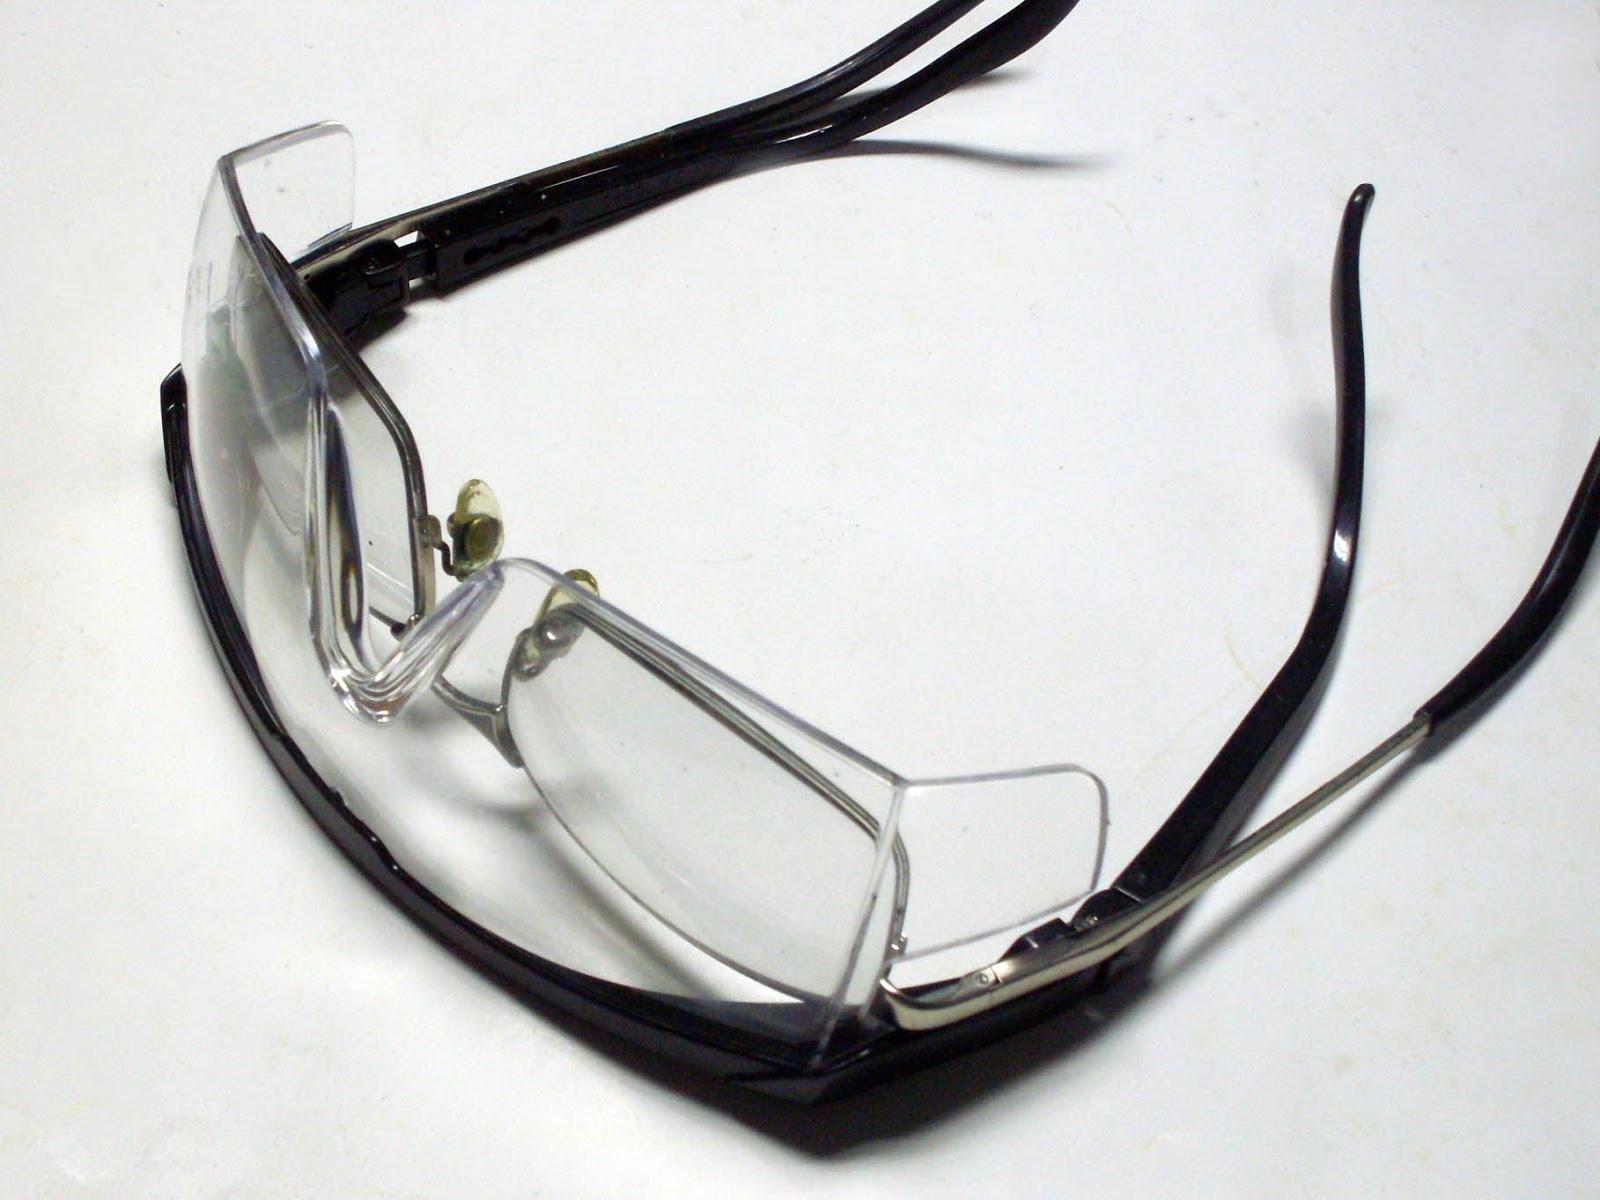 da2b7a455da05 Gambiarras Maravilhosas  Óculos de Segurança mais Óculos de Grau